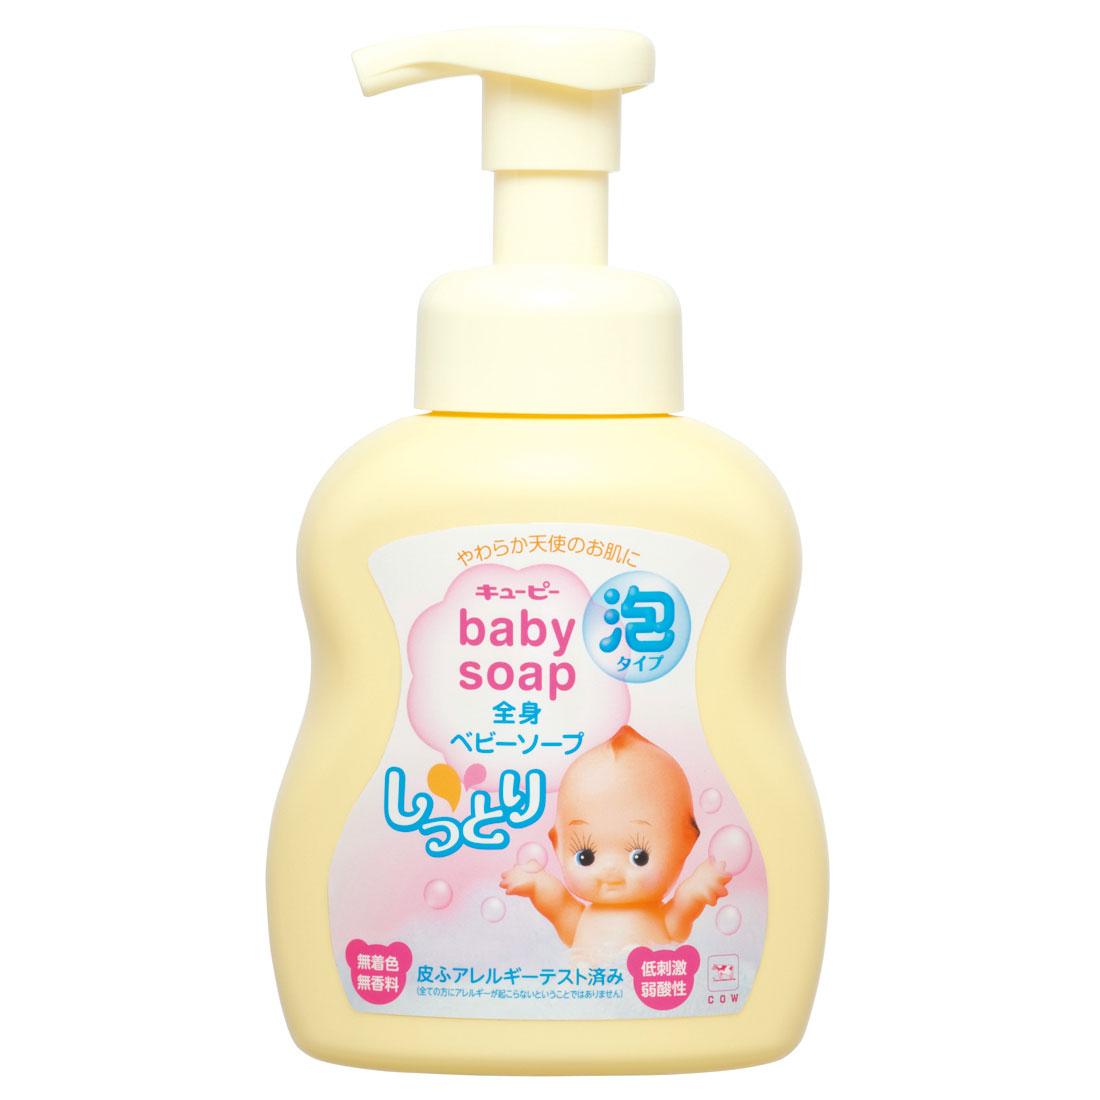 Увлажняющее жидкое мыло-пена для малыша Cow, 400 мл. Q-18-061Satin Hair 7 BR730MNУвлажняющее жидкое мыло-пена Cow разработано для ежедневного мытья тела и волос малыша. Моющая основа из компонентов аминокислотного происхождения мягко удаляет загрязнения, не смывая естественный жировой слой кожи. Содержит природный сквалан, который защищает кожу, и вытяжку из солодки для мягкого увлажнения.Мыло не содержит красителей и ароматизаторов и не раздражает кожу. Прекрасно подходит взрослым с чувствительной кожей. Характеристики:Объем: 400 мл.